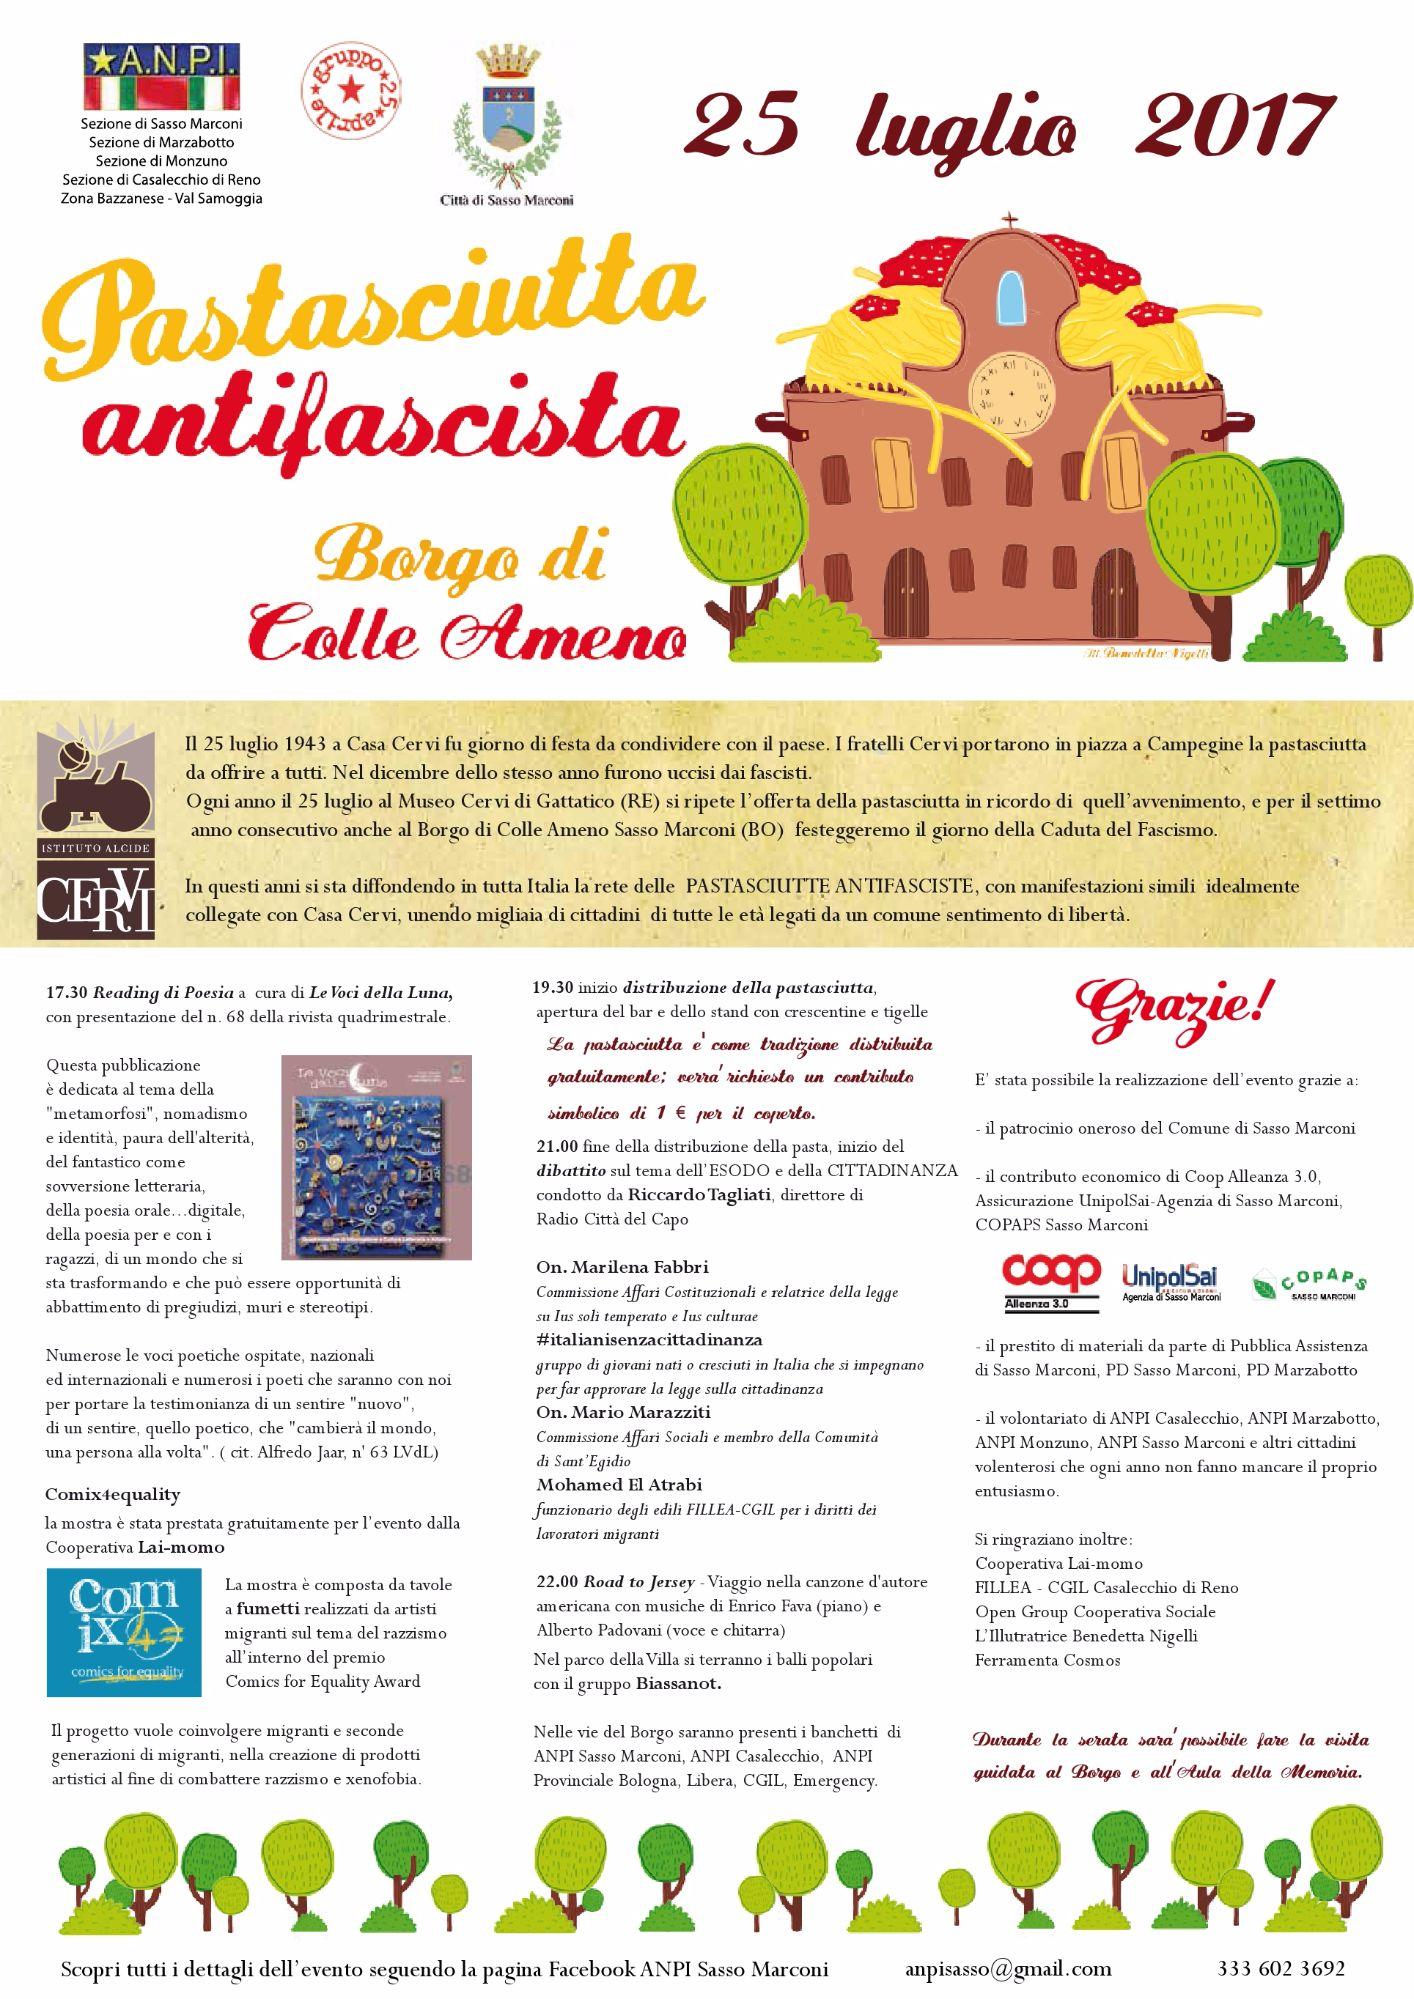 Pastasciutta antifascista al Borgo di Colle Ameno